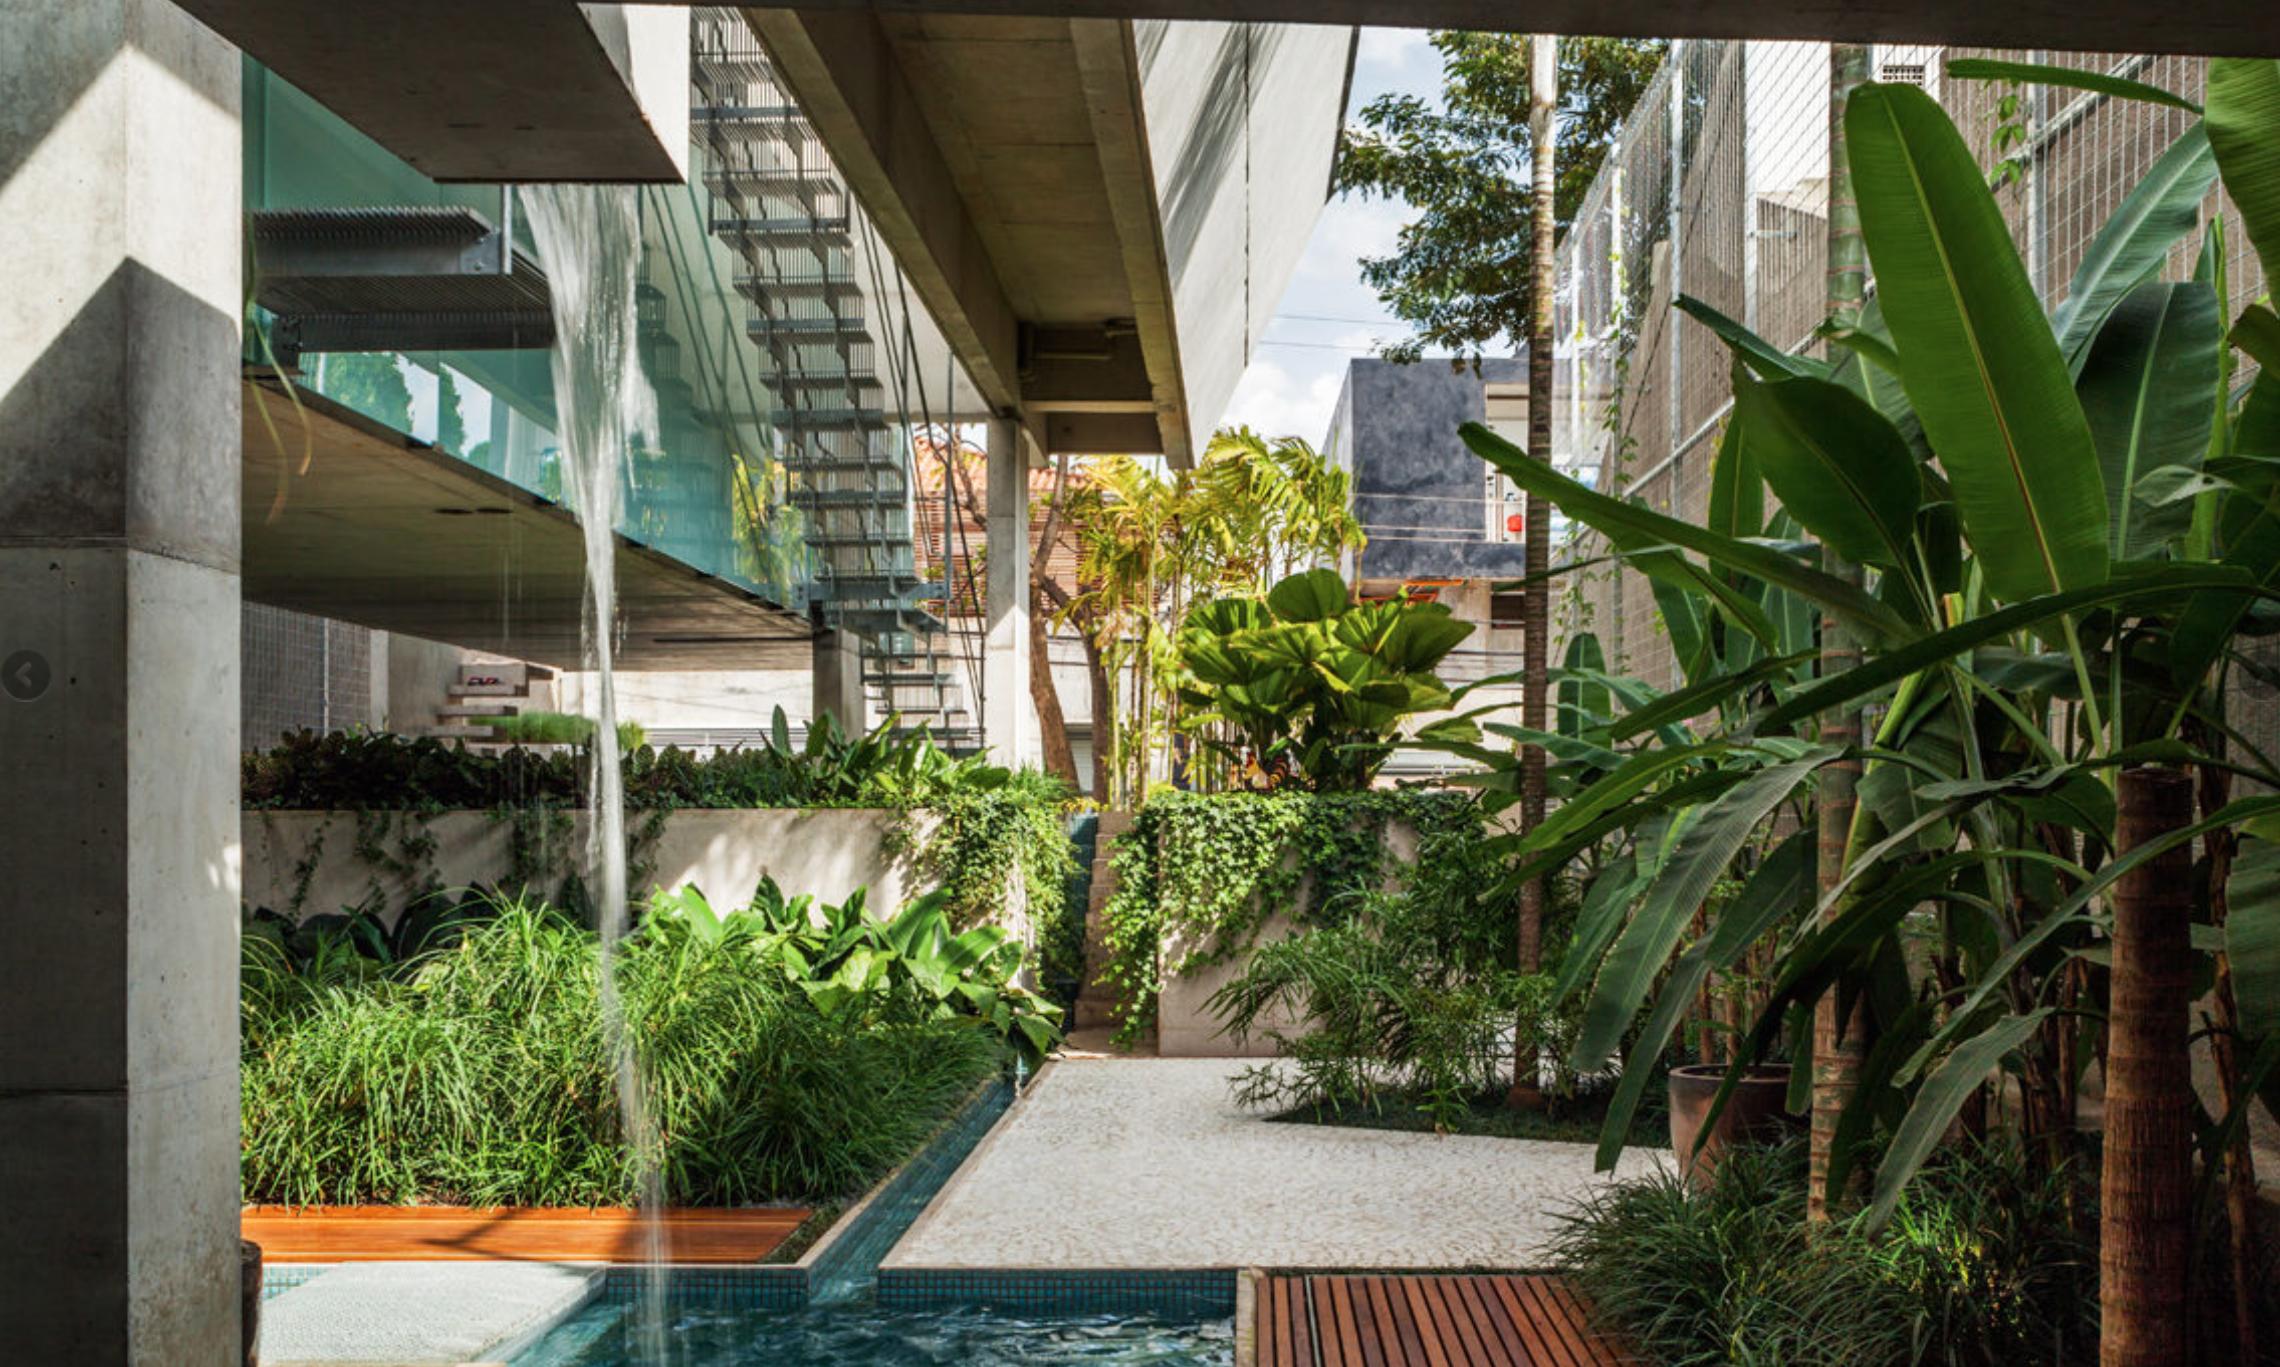 Casa de fim de semana, construída em 2014, com projeto do SPBR, que elevou a piscina para que a área recebesse sol o dia todo, uma vez que o terreno fica entre dois edifícios altos do centro de São Paulo.